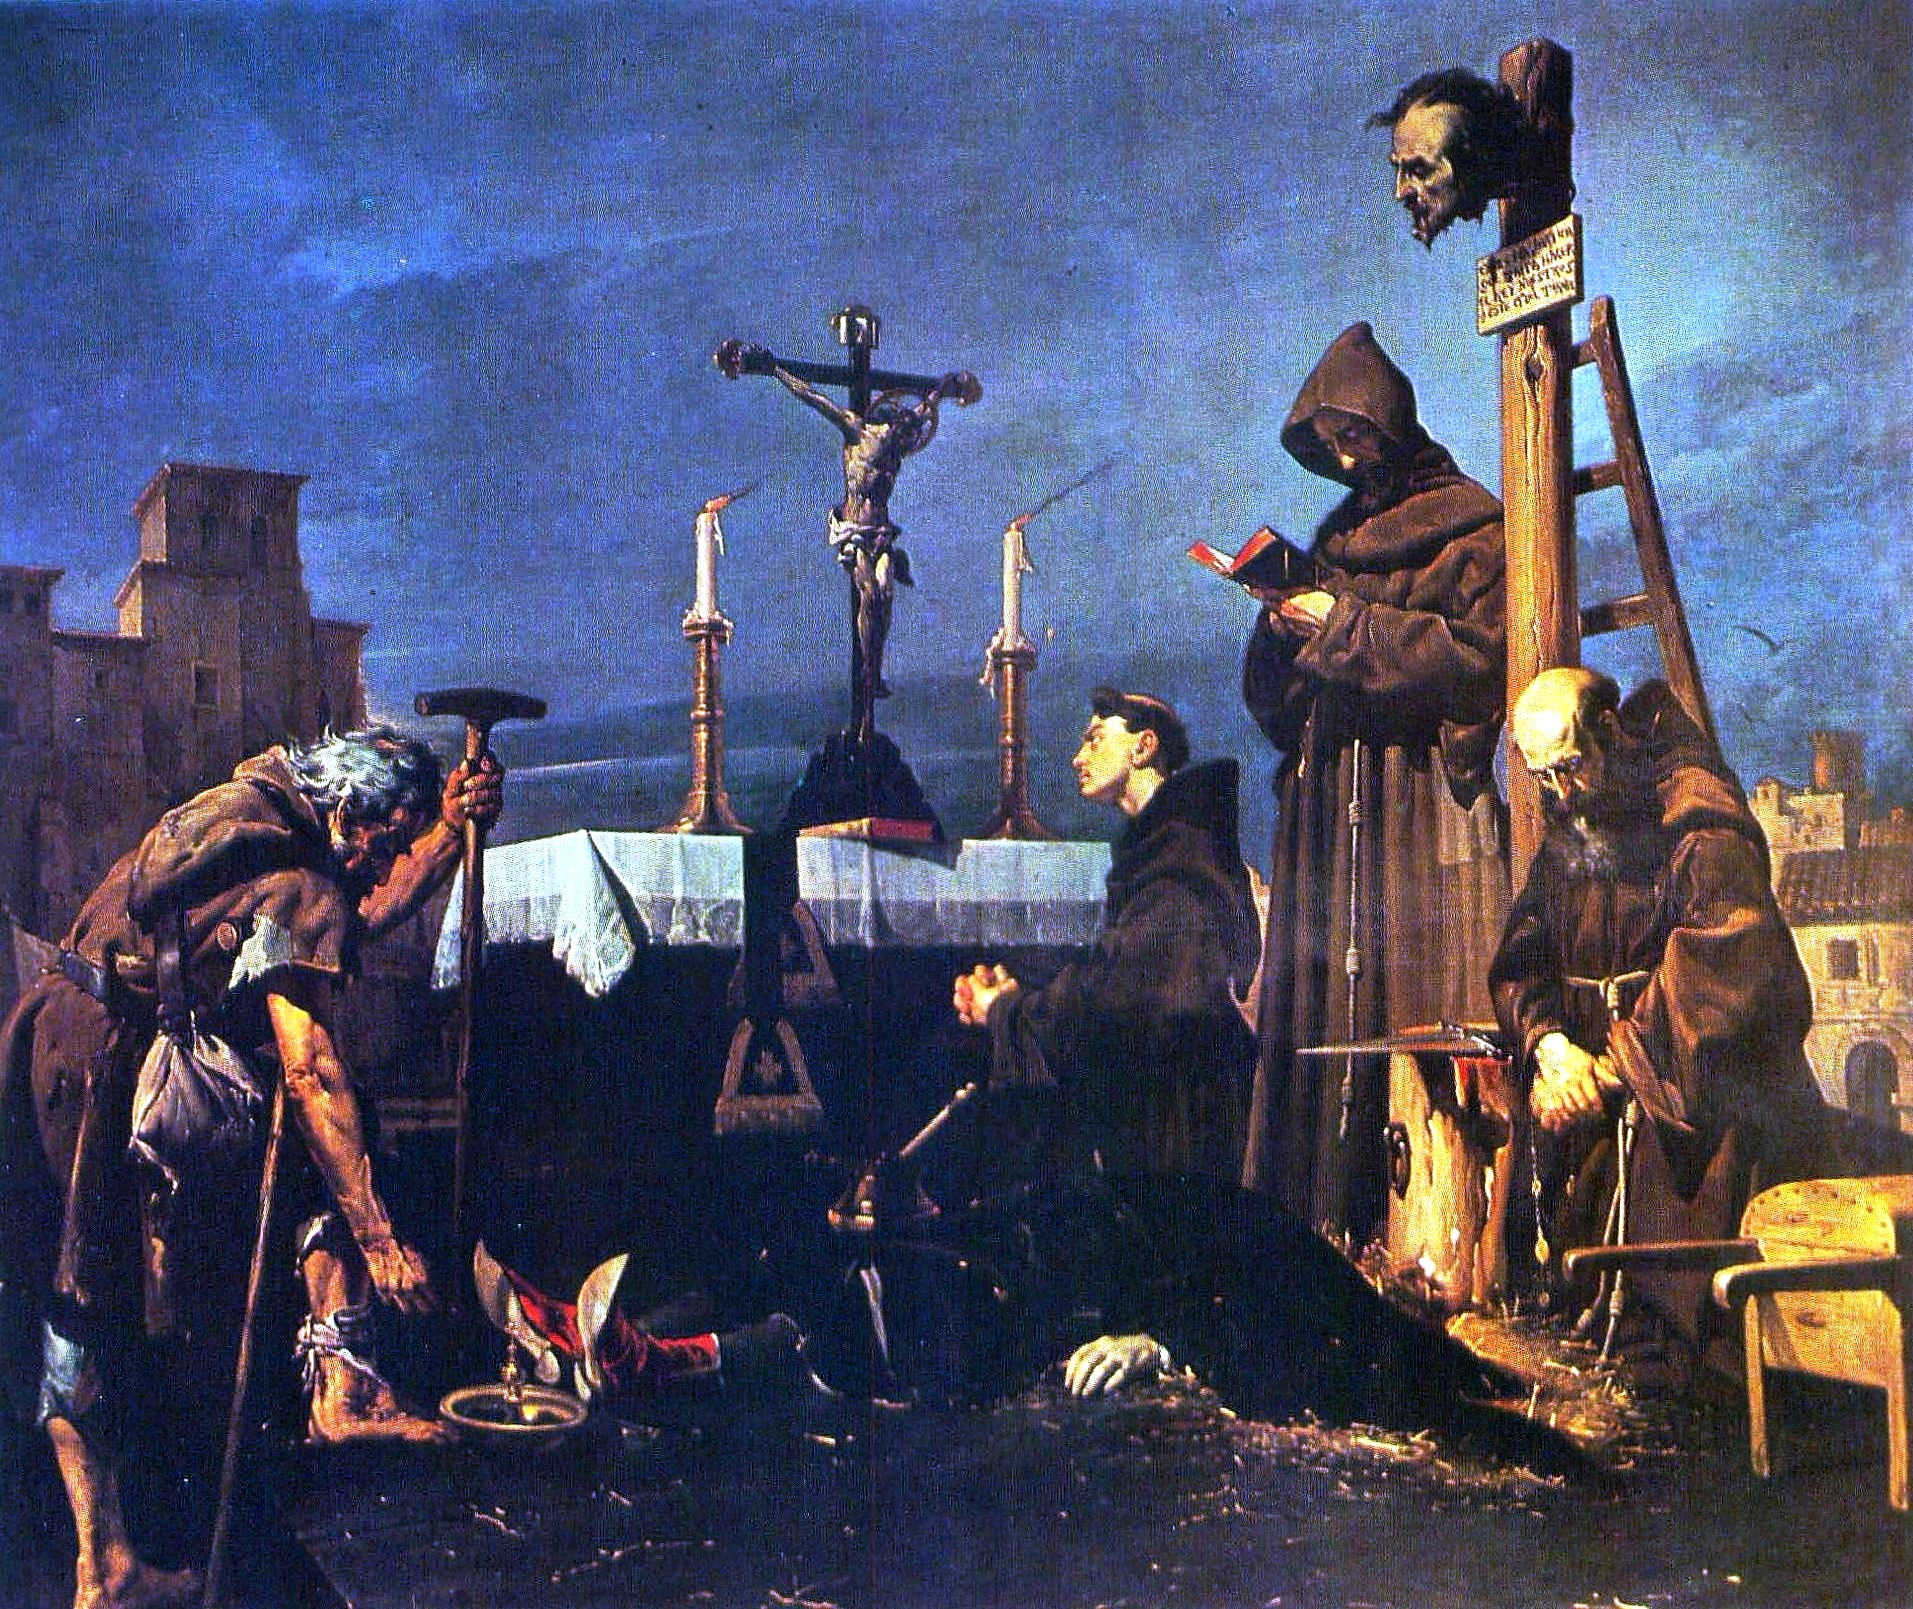 Colecta para sepultar el cadáver de don Álvaro de Luna, de José María Rodríguez de Losada.